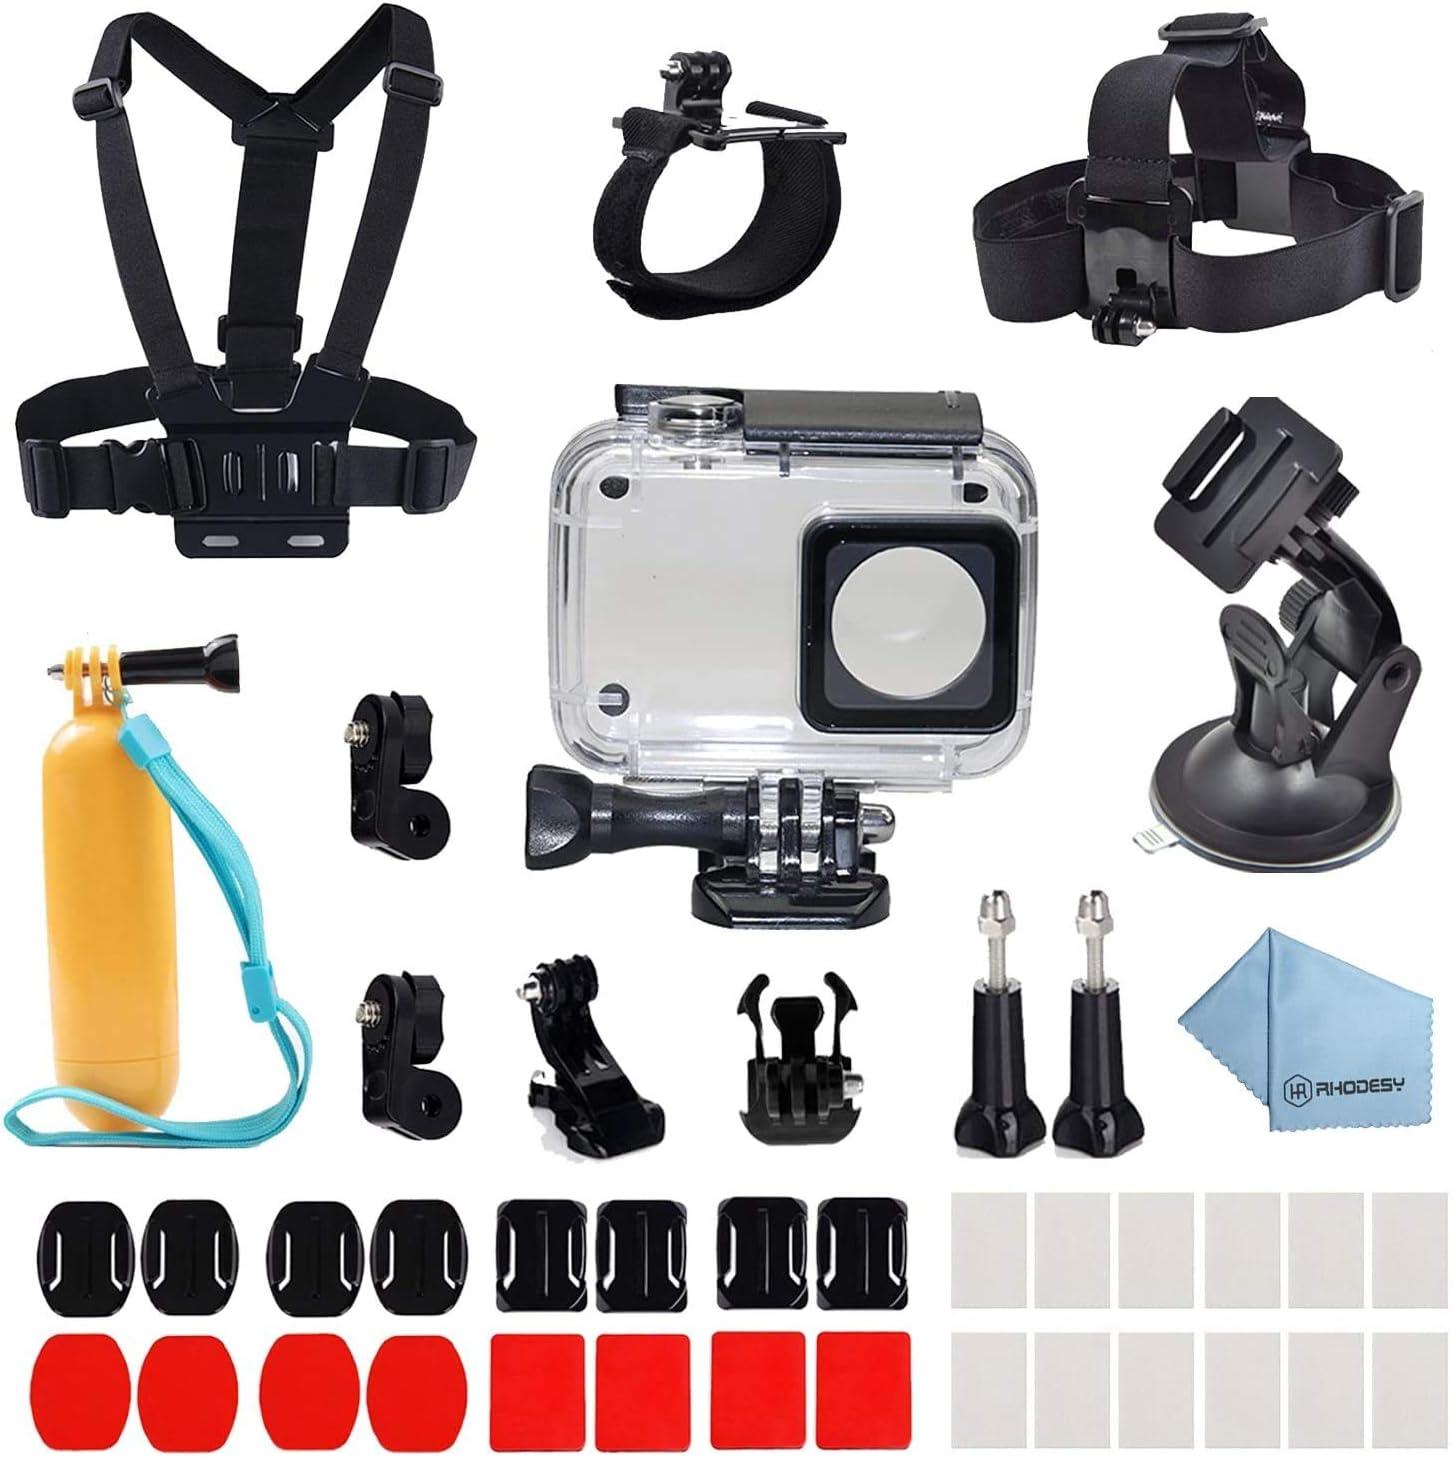 Paquete de accesorios de carcasa protectora impermeable 41 en 1 Rhodesy para cámara de acción